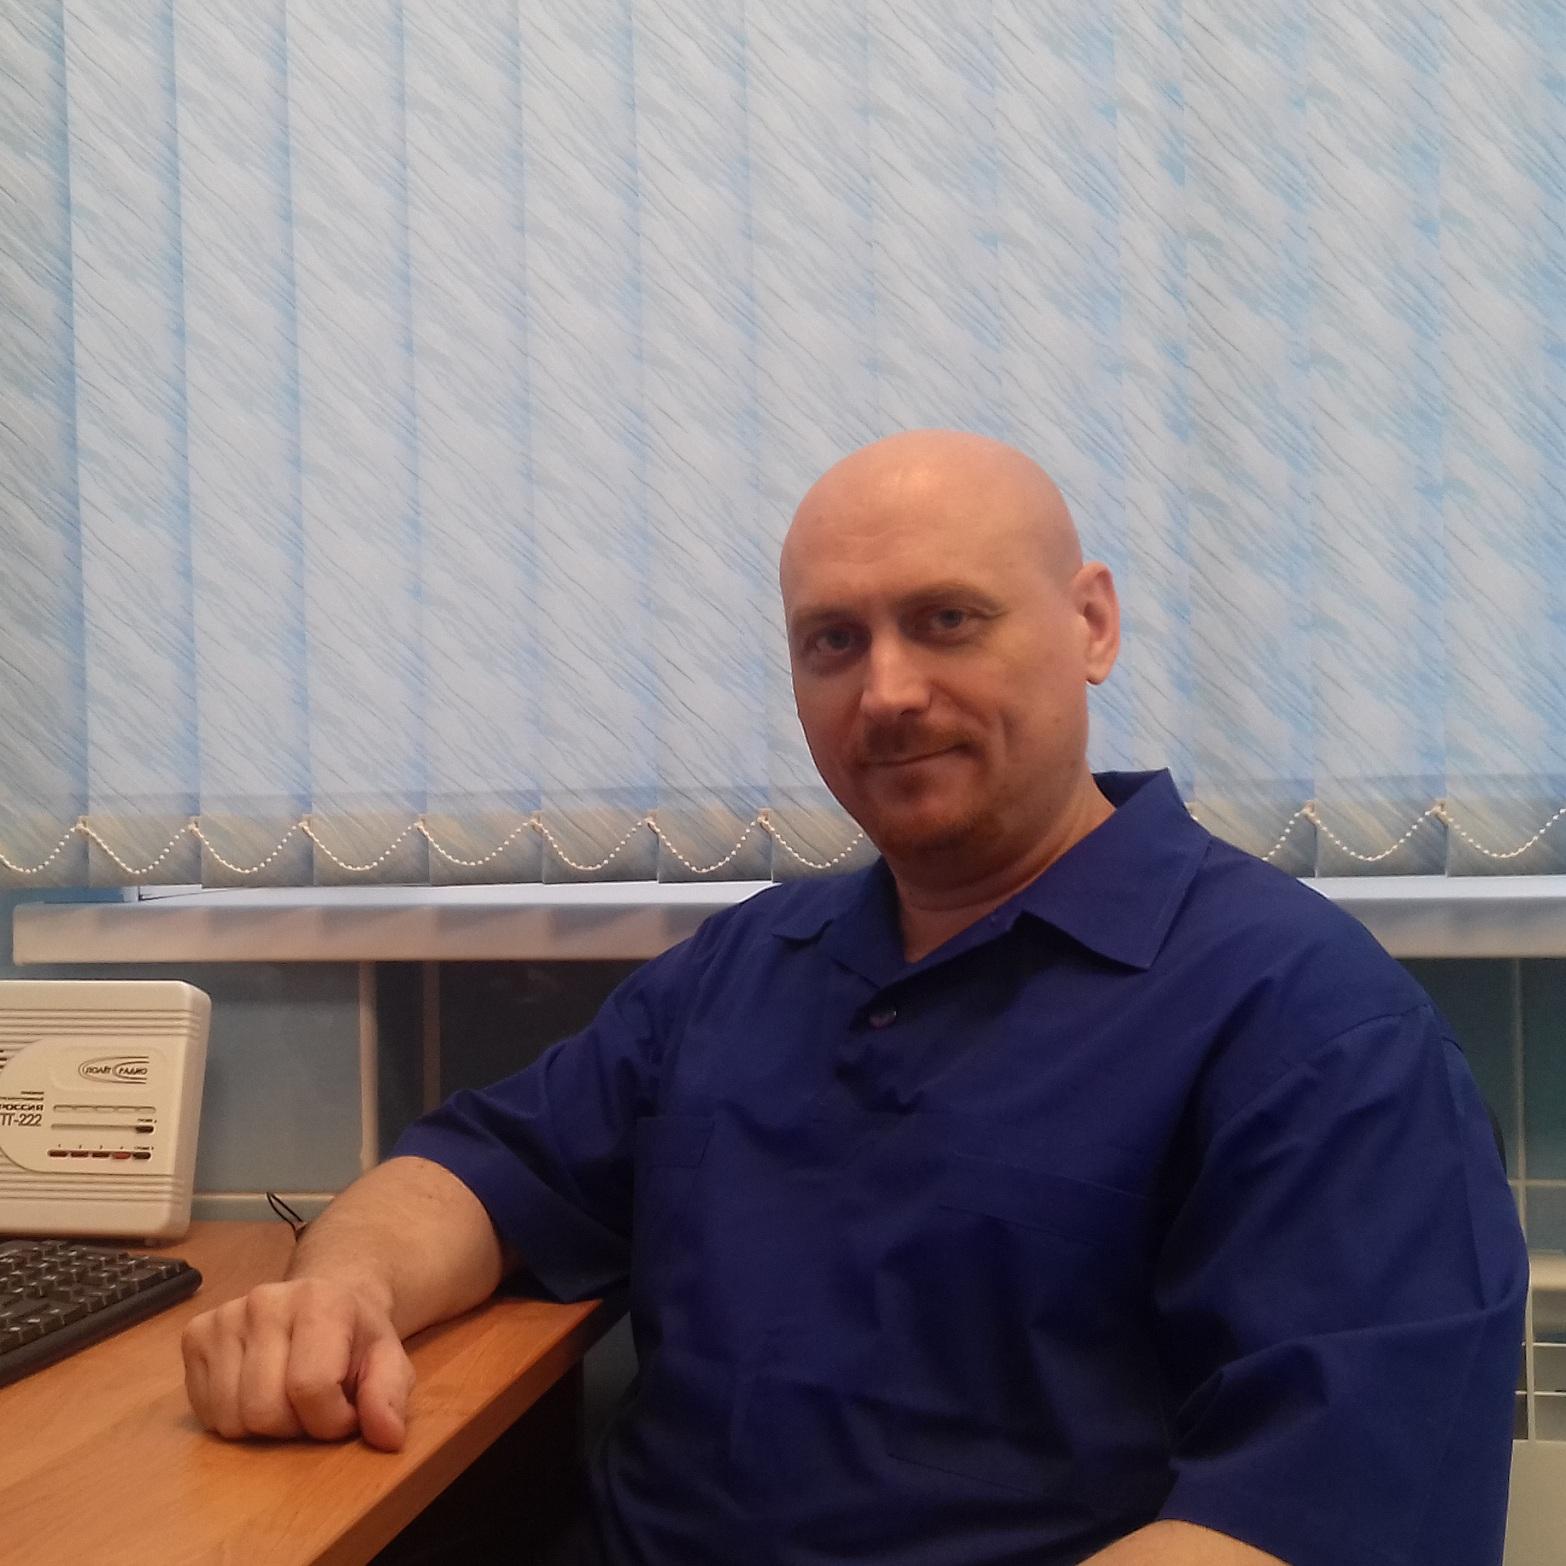 Эдуард викторович проуторов фото 4